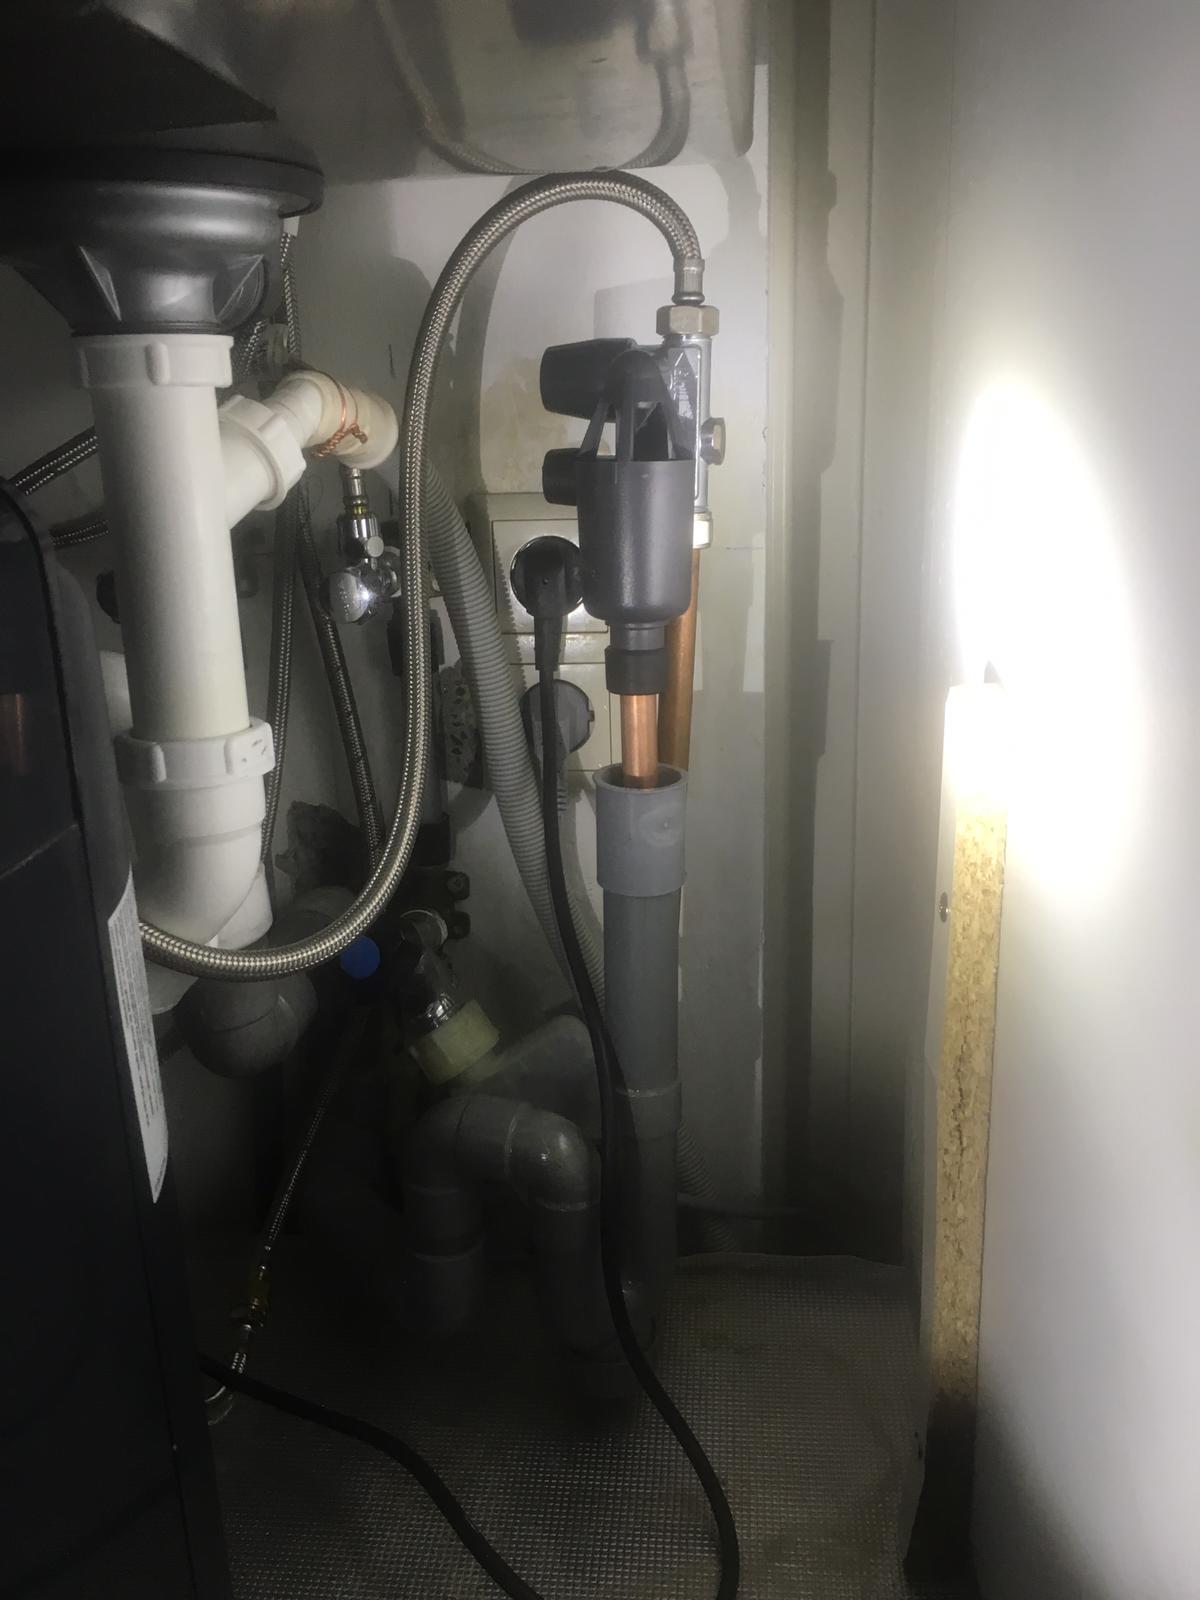 Spoed service lekkende kraan en waterleiding in Amersfoort